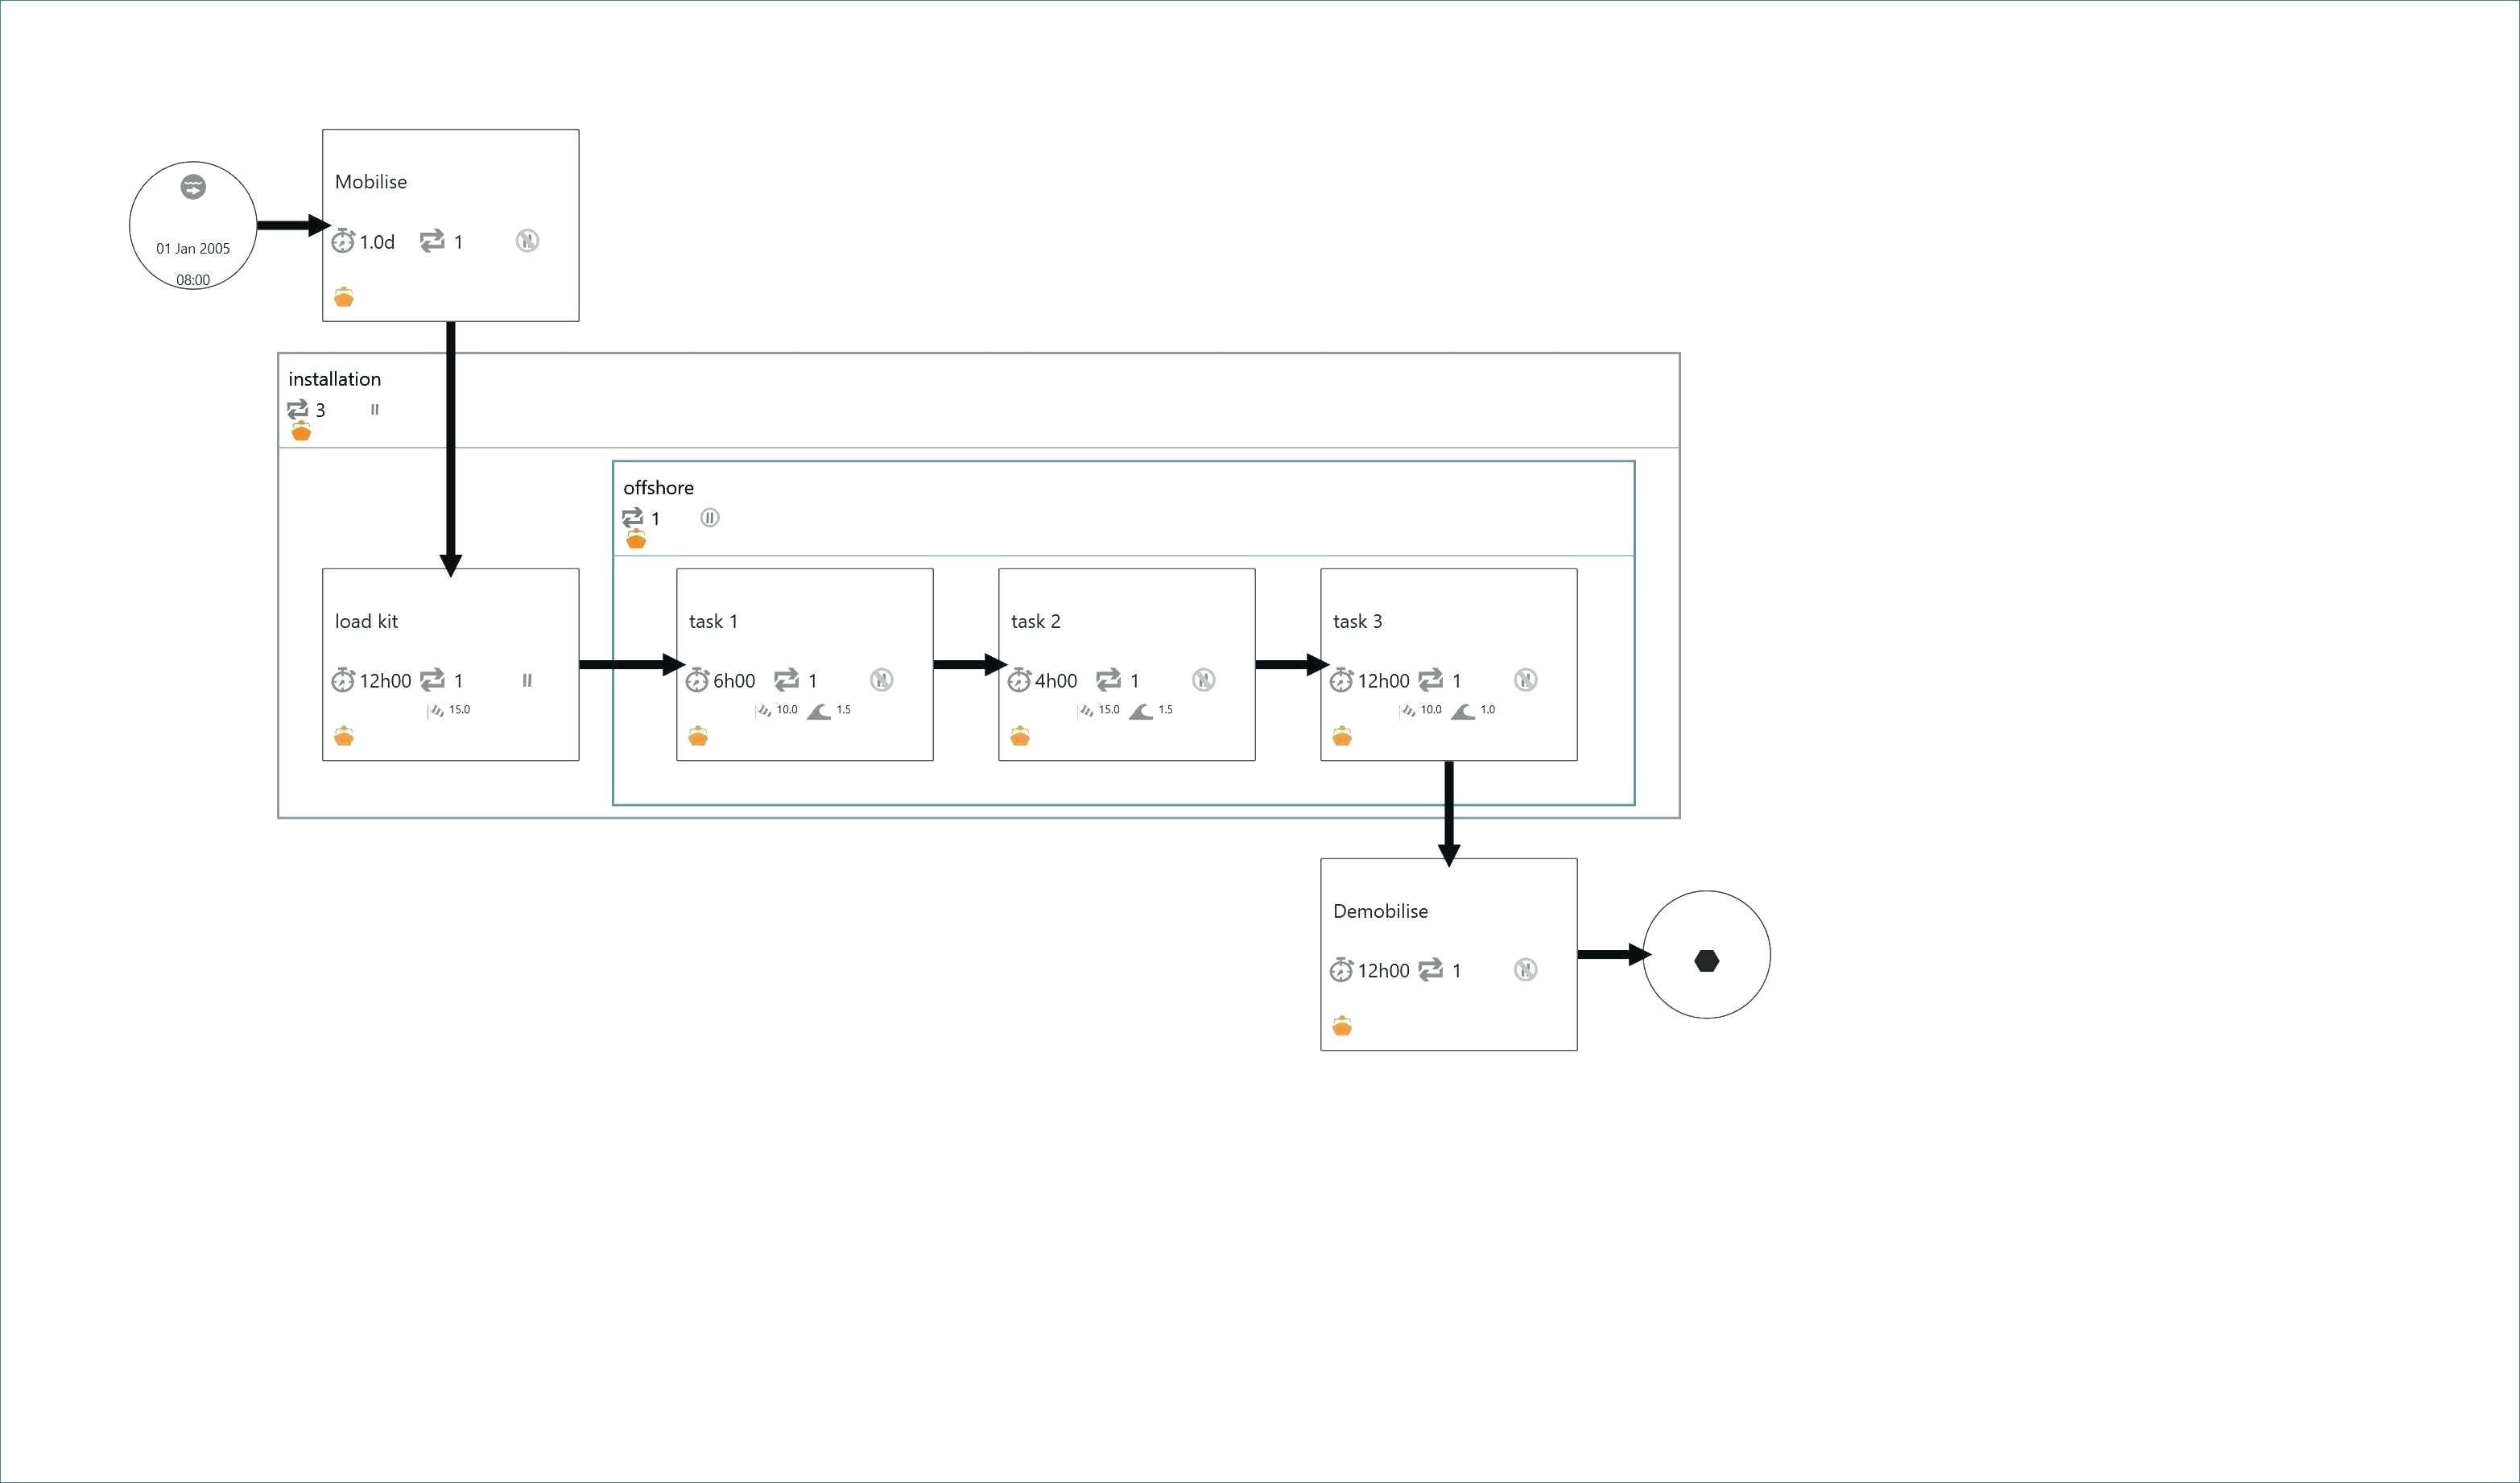 54 Bar Graphs Worksheets Images